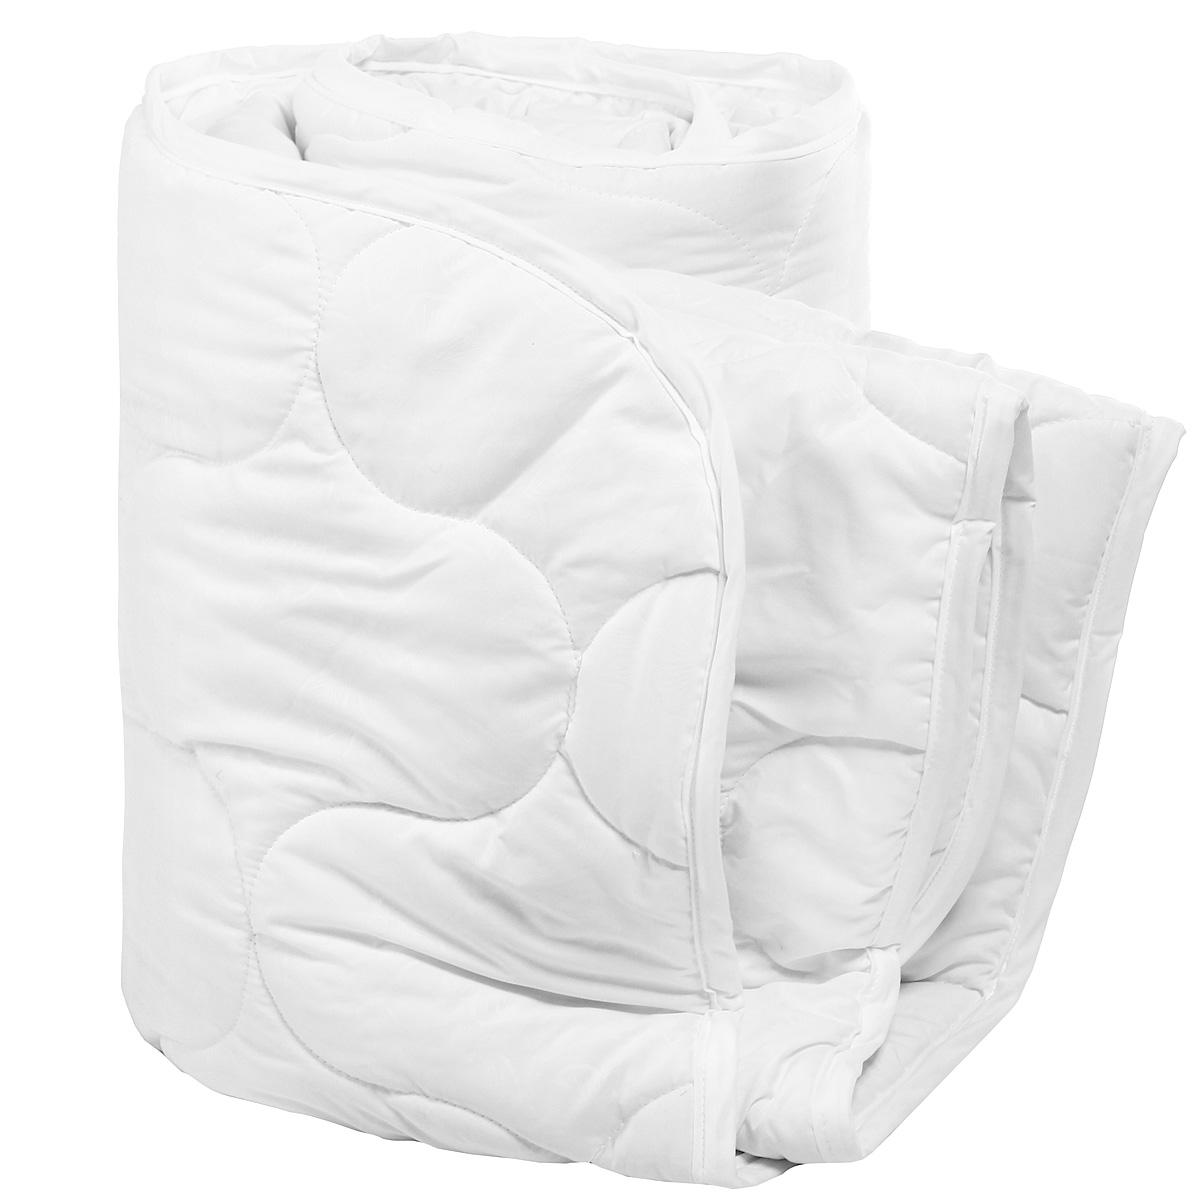 Одеяло Verossa Green Line, наполнитель: бамбуковое волокно, 172 см х 205 см165990При изготовлении одеяла Verossa Green Line применяется ткань нового поколения из микрофиламентных нитей Ultratex. Одеяло не требует специального ухода, быстро сохнет после стирки и практически не мнется. Наполнитель из натуральных бамбуковых волокон. Пористая структура бамбукового волокна обеспечивает отличные условия для циркуляции воздуха и впитывания влаги. Преимущества одеяла Verossa Green Line: идеальный комфортный сон; антибактериальная защита; оптимальная терморегуляция.